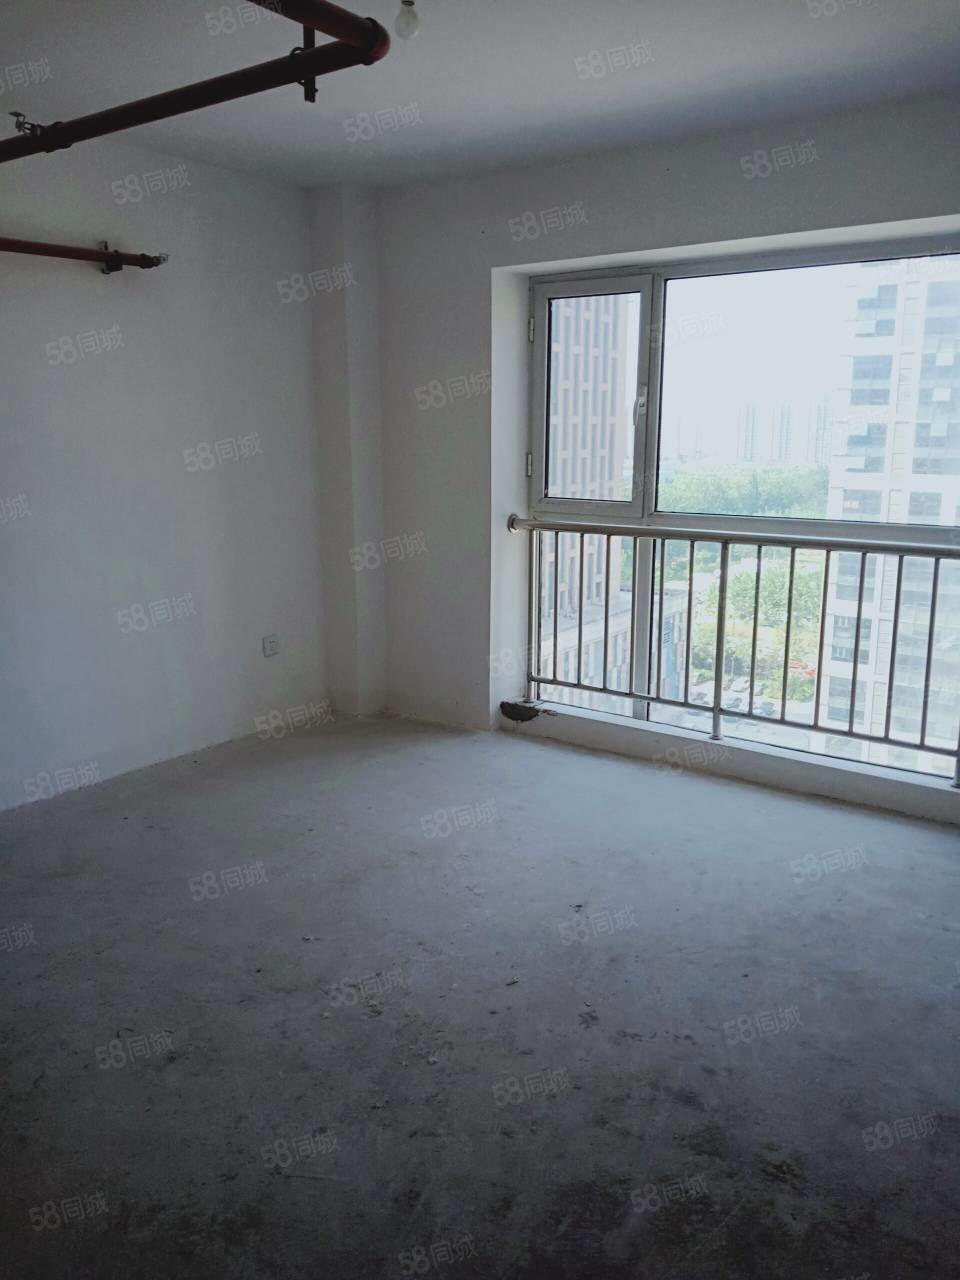 当代国际120平68万两室两厅带内置楼梯小复式有证可按揭